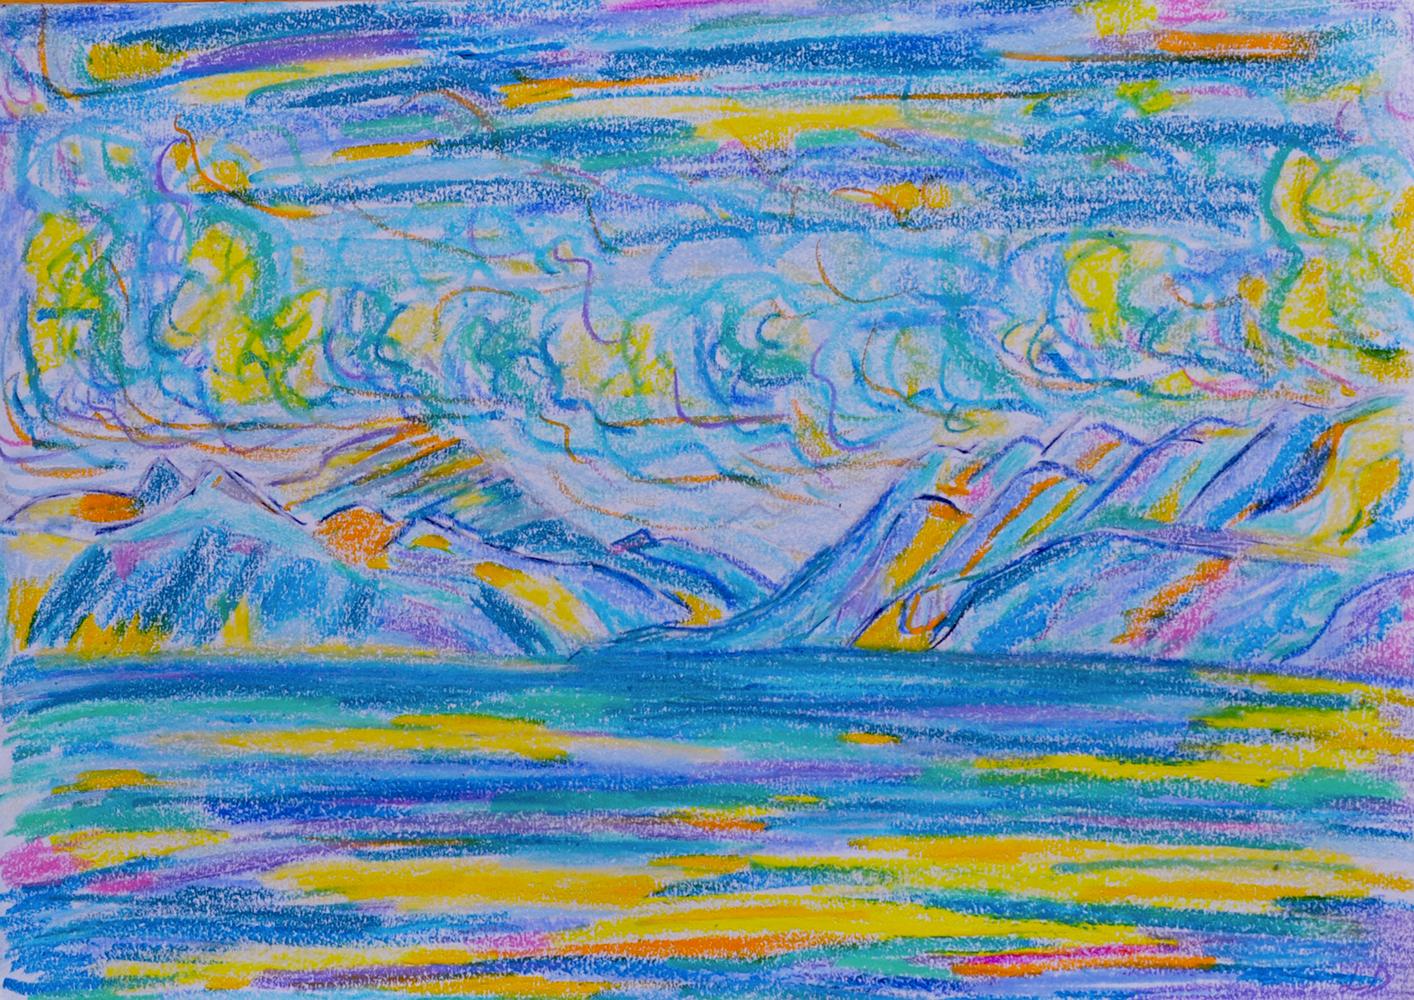 Lac Léman, St Prex no. 4. Pastel à la cire sur papier, 21x30, 2018